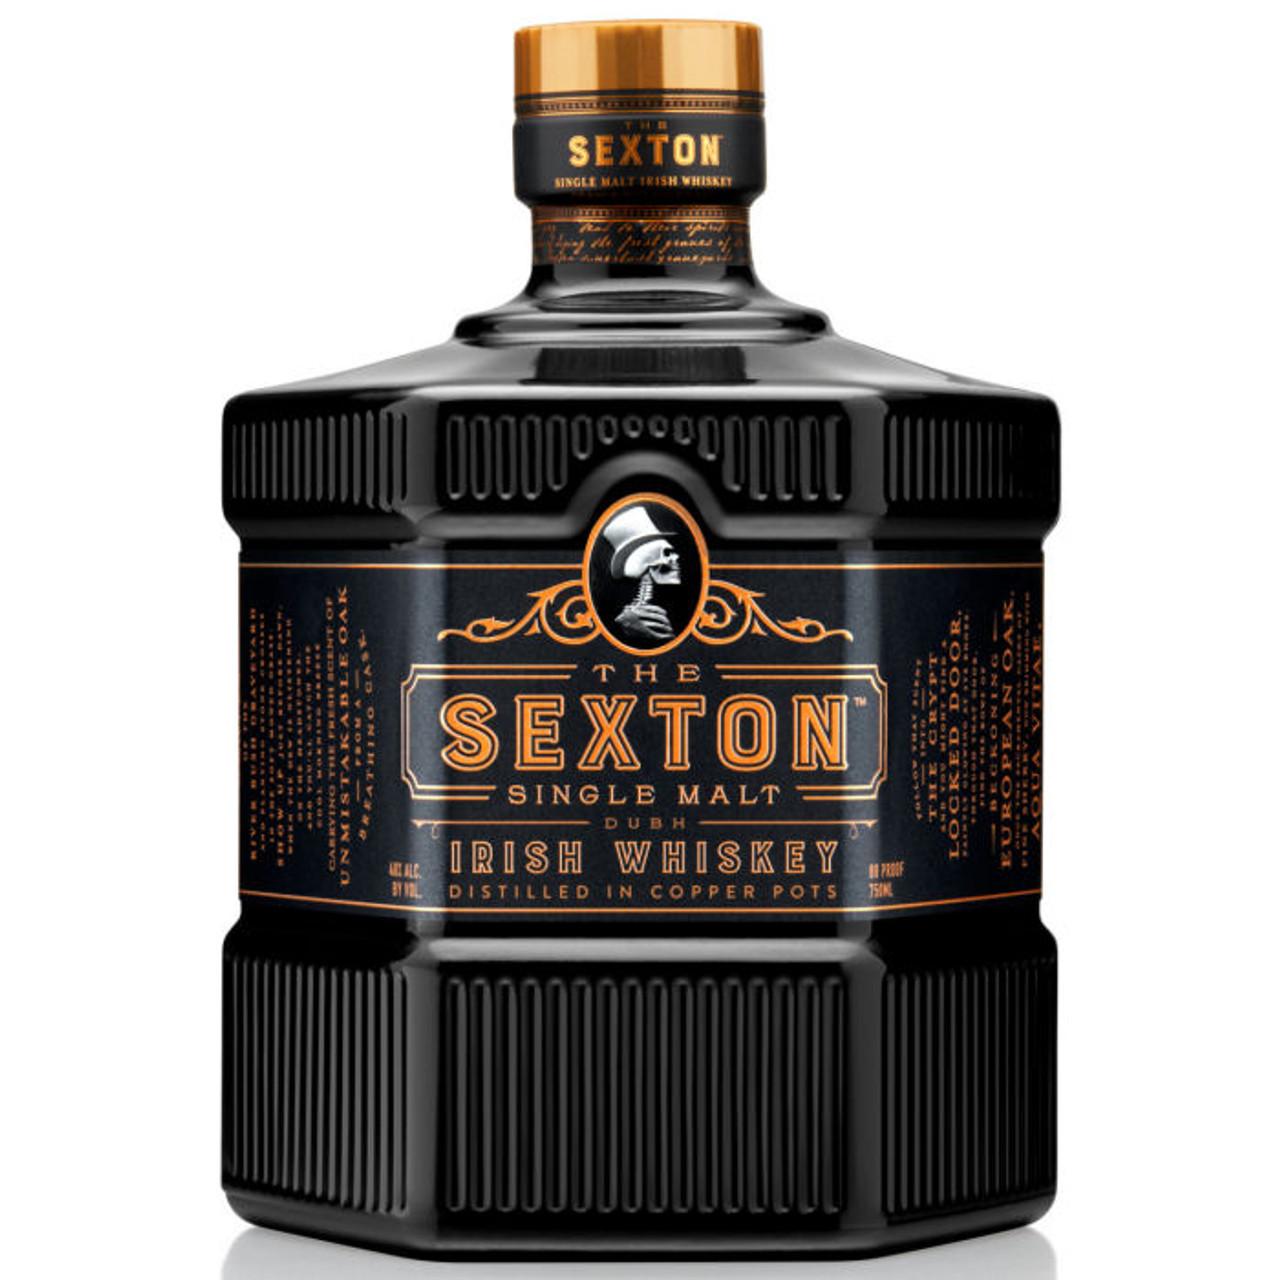 The Sexton Single Malt Irish Whiskey 750ml